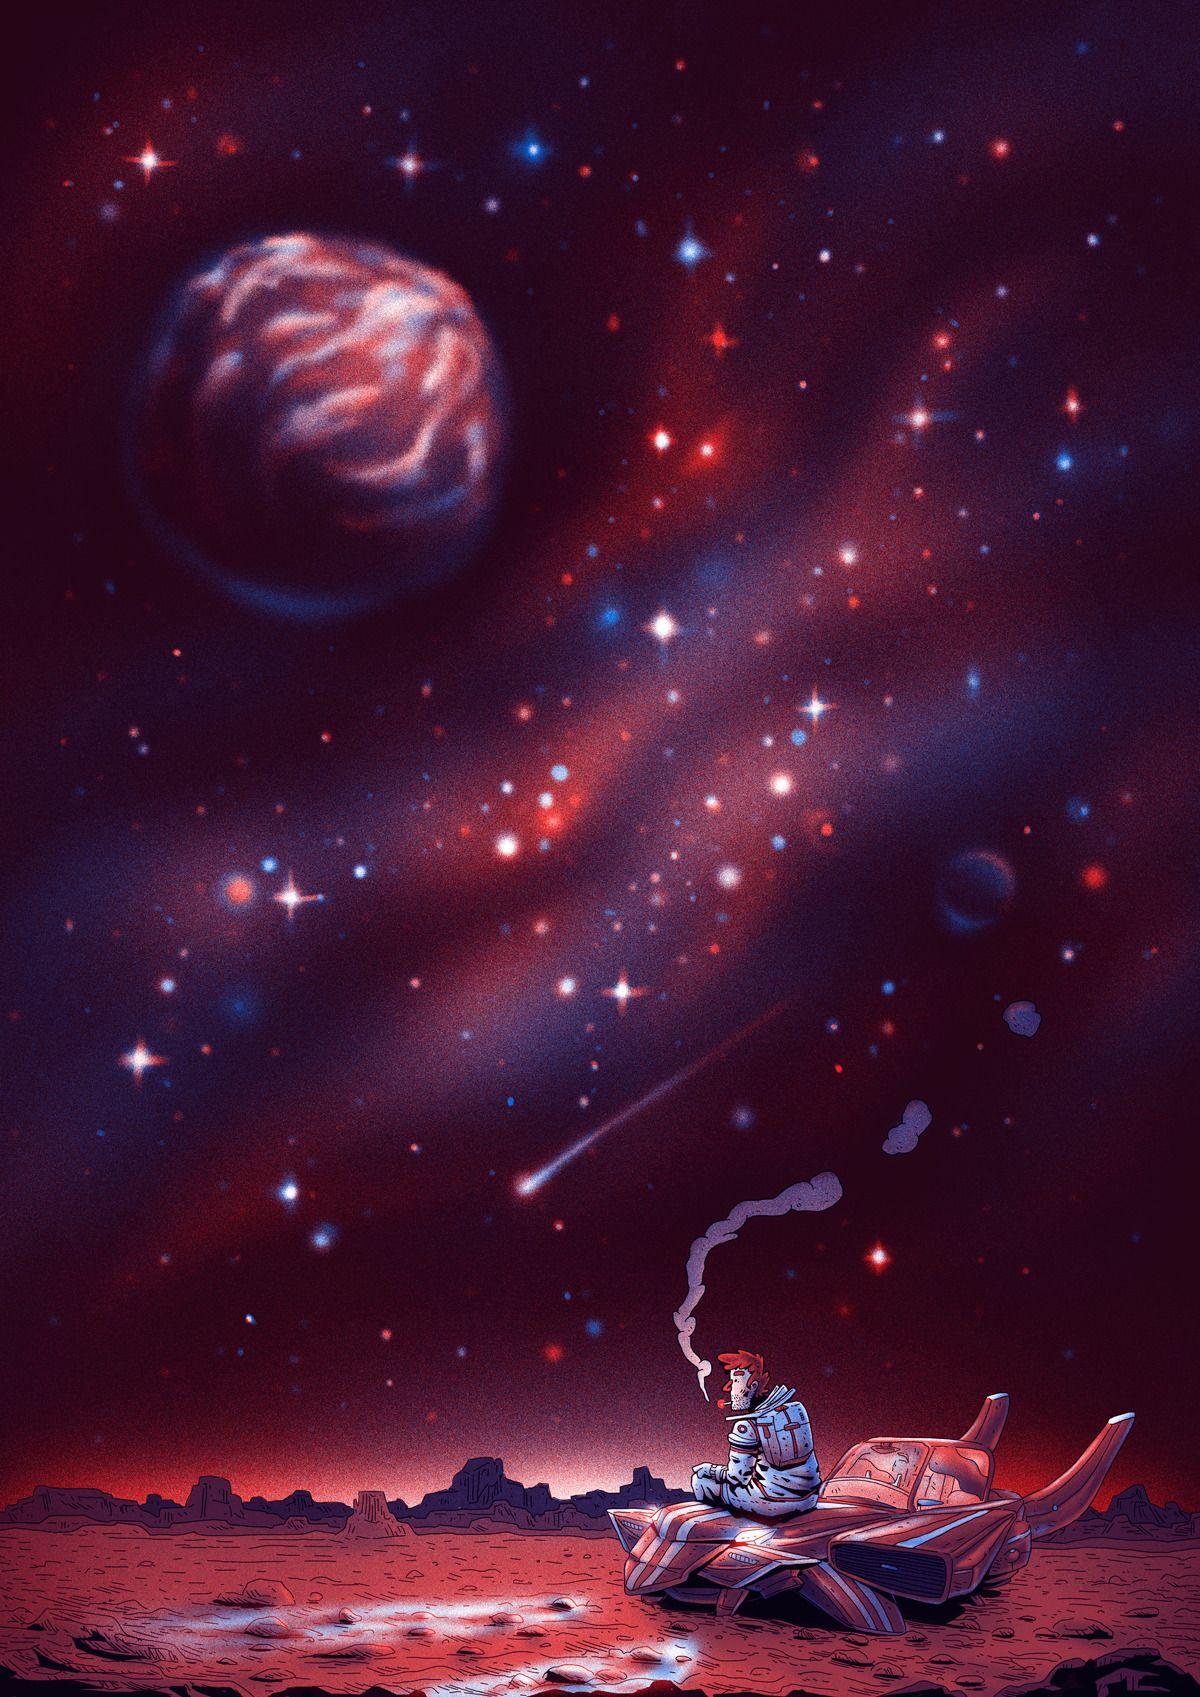 Somos solo un breve suspiro en la historia del universo. Por más que una  idea